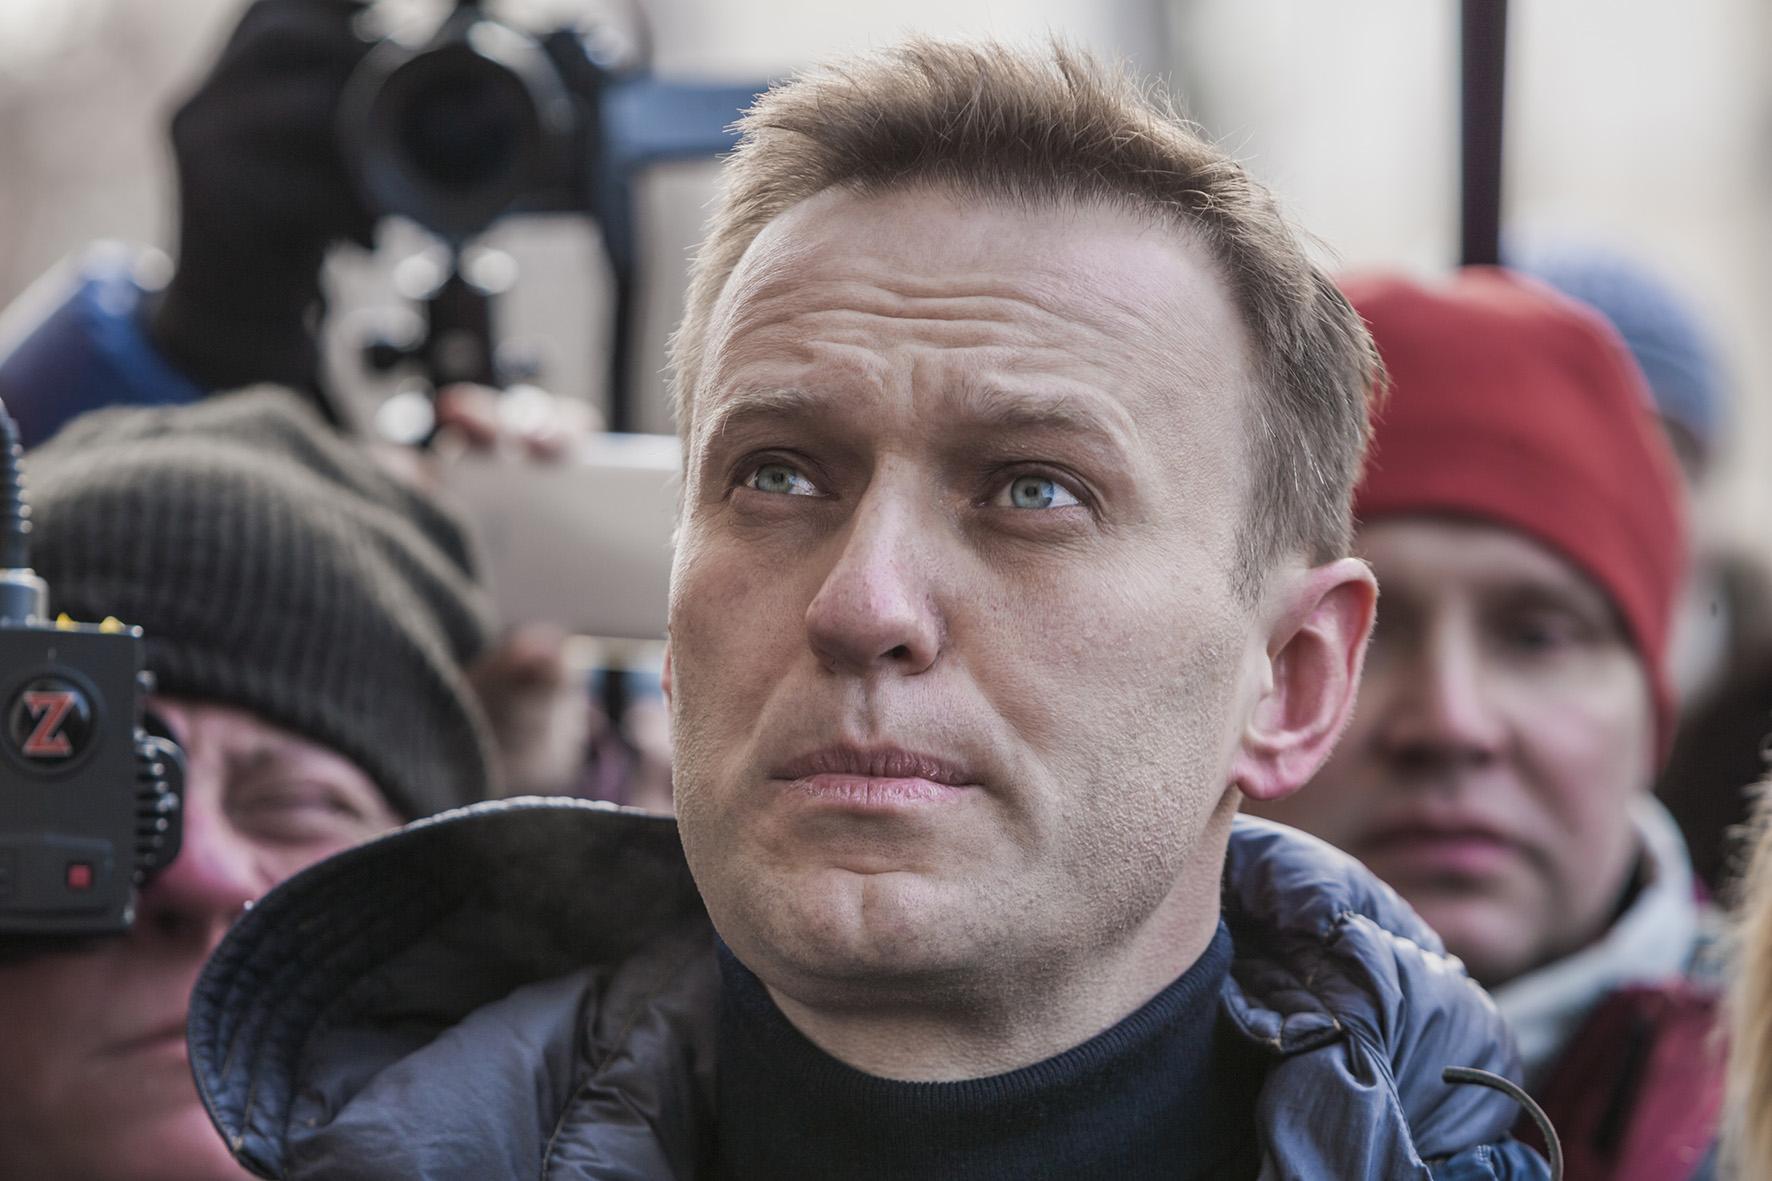 Oppositieleider Navalny mag Duitse ziekenhuis verlaten: 'Volledig herstel is mogelijk'